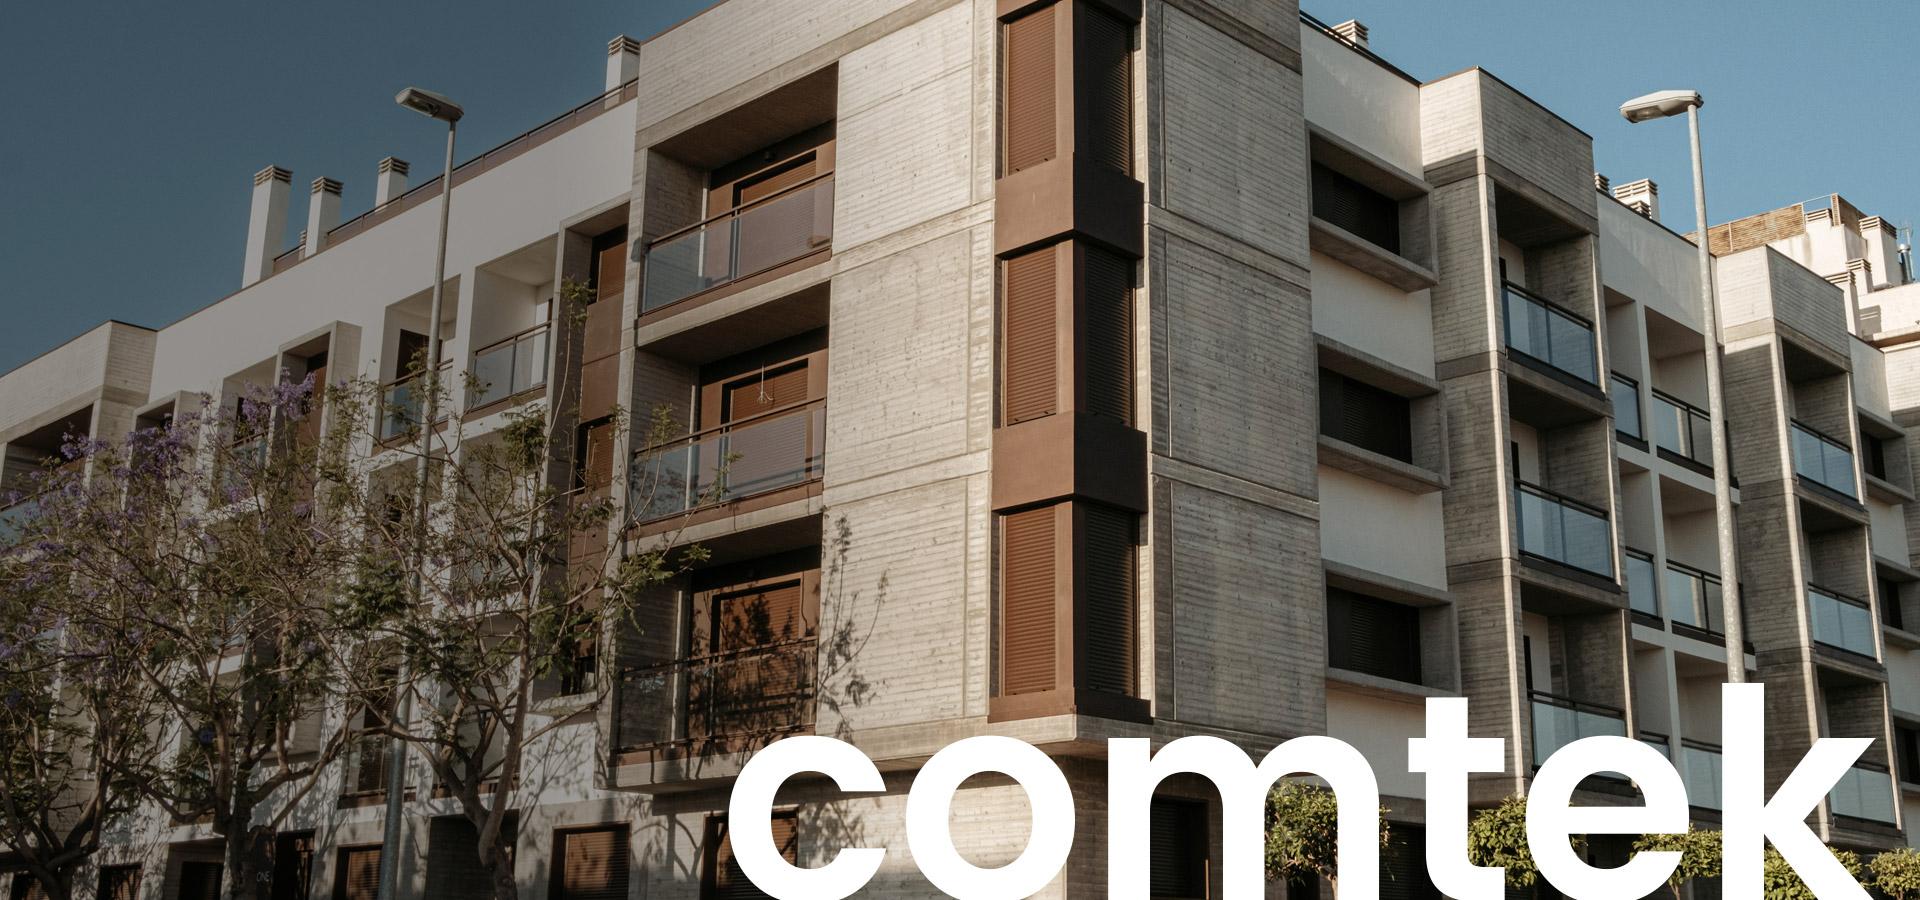 Edificio Comtek.